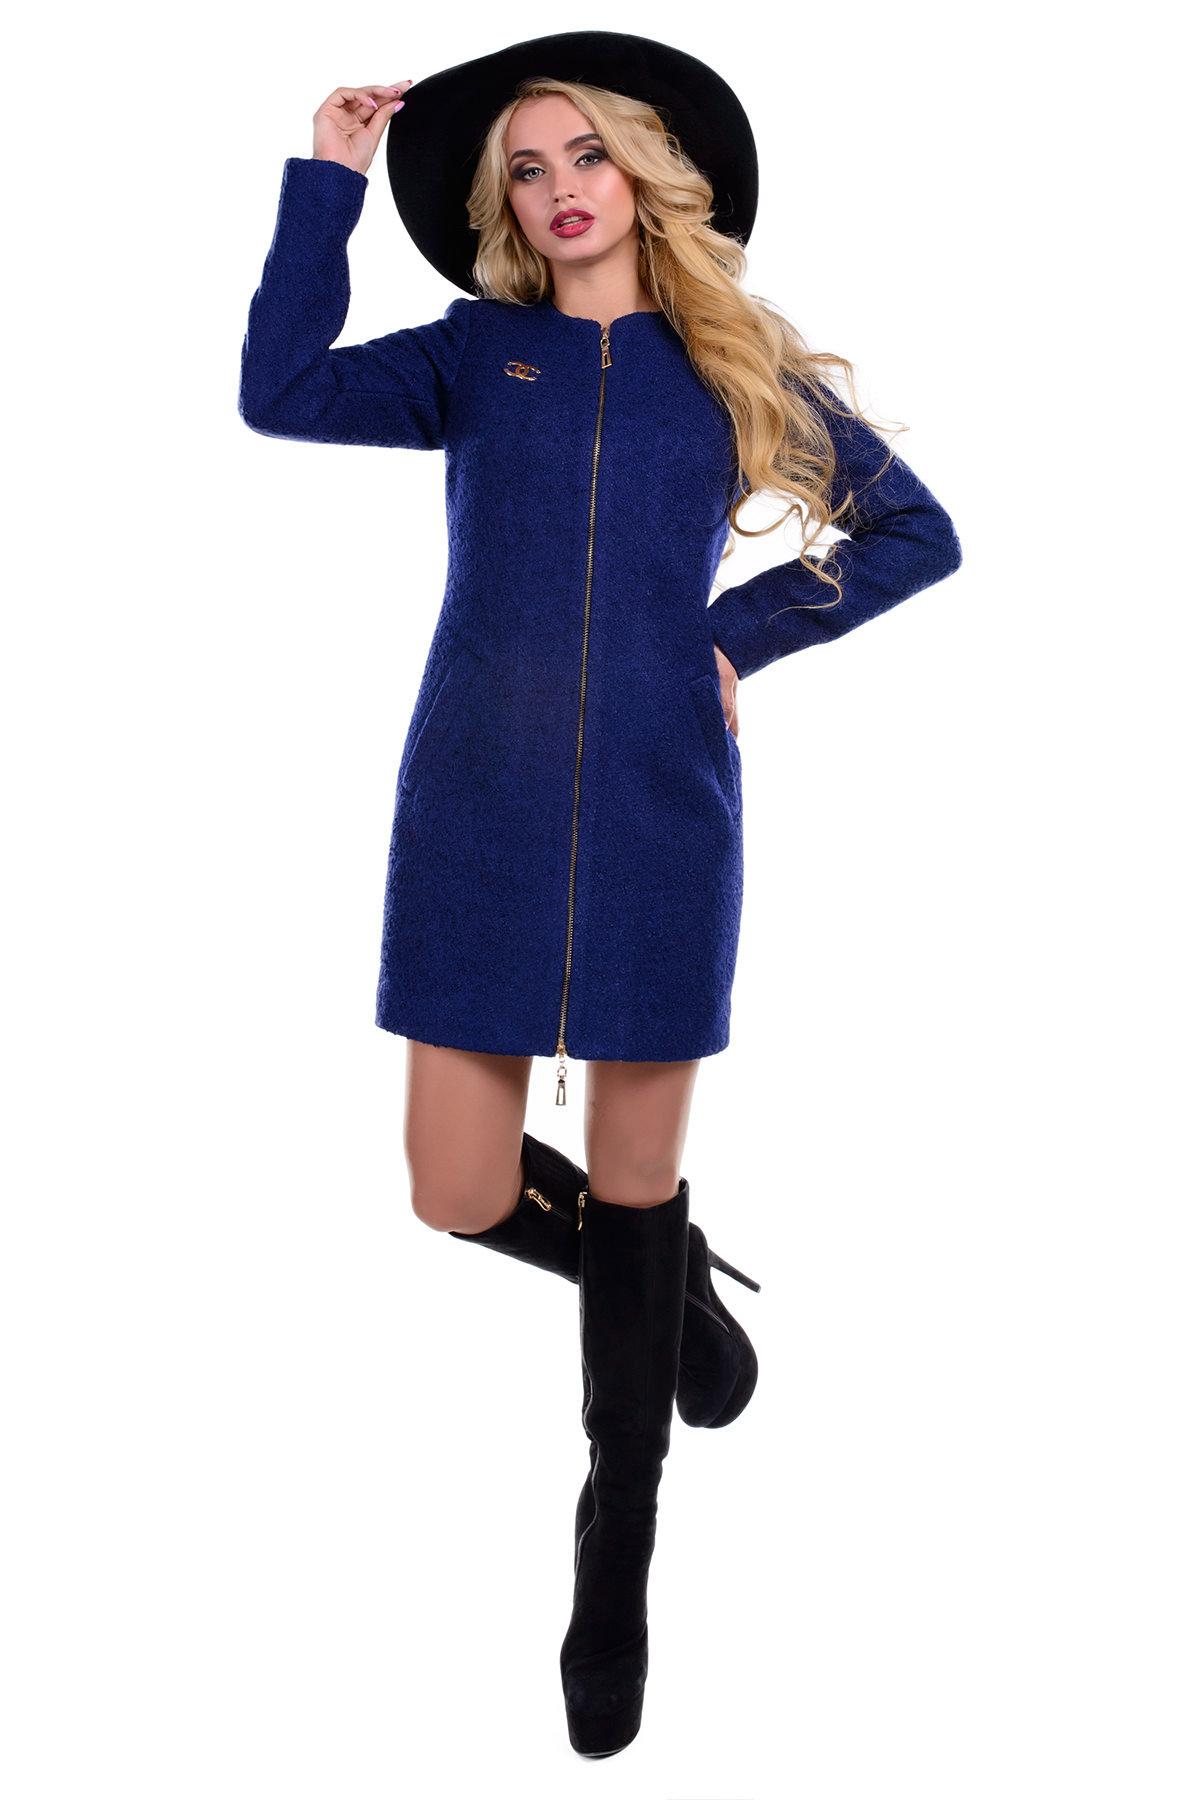 Купить пальто оптом Украина Пальто Сан-Ремо 0425